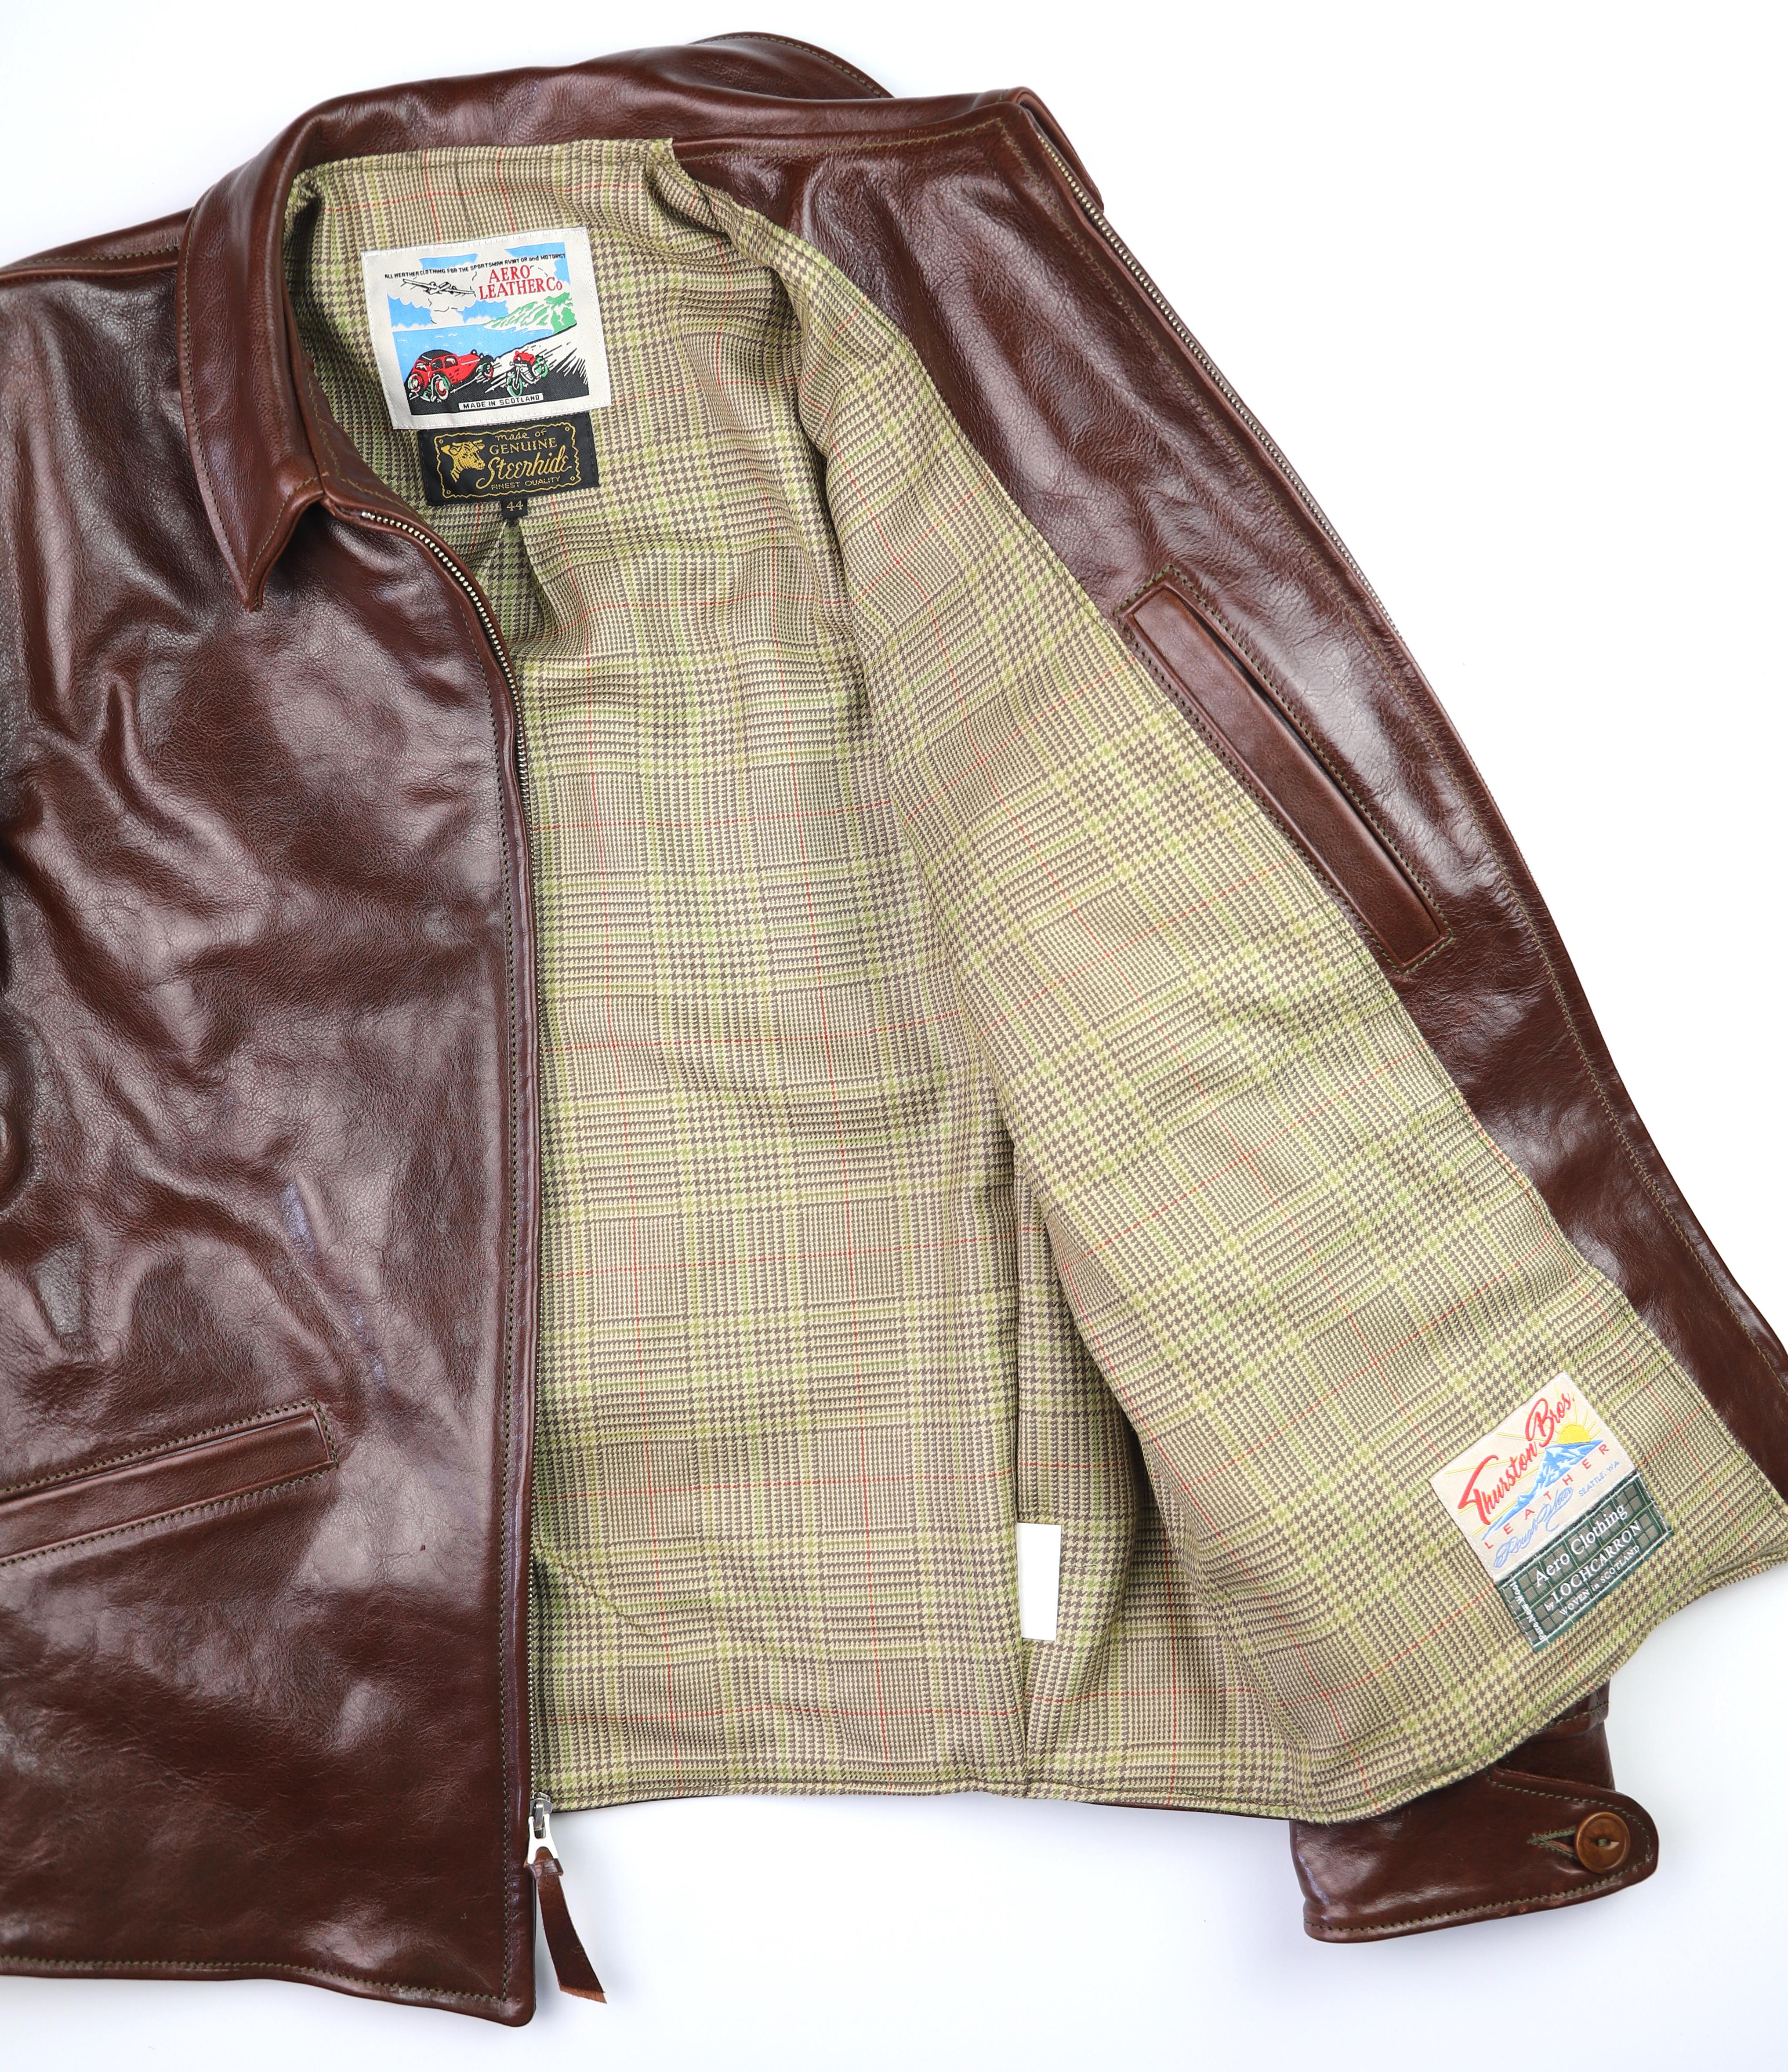 Aero Sunburst Tobacco Badalassi EYB Crail Check Tweed lining.jpg